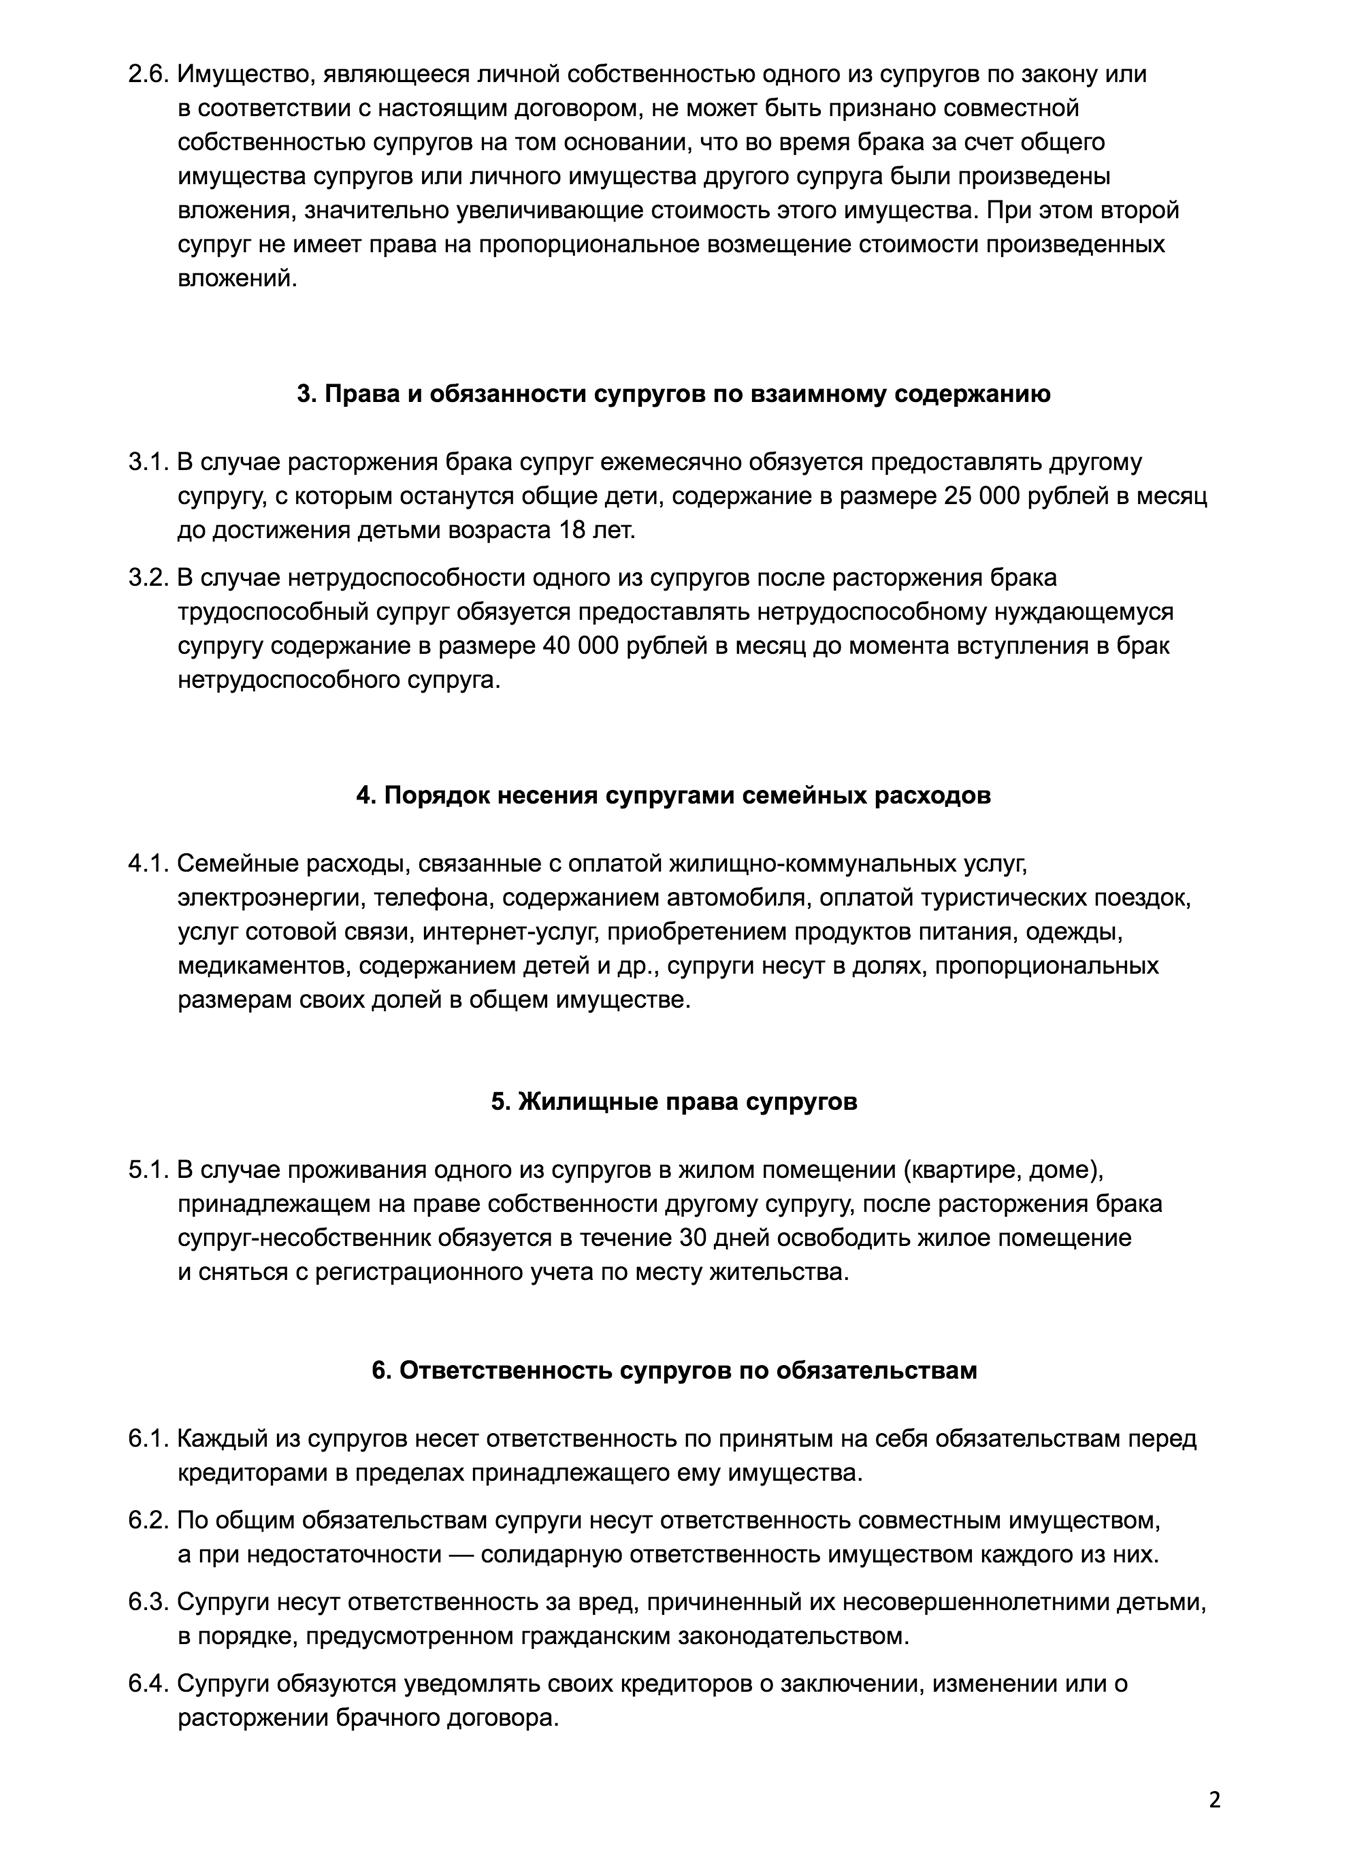 Как правильно составить брачный договор: образцы и примеры заполнения